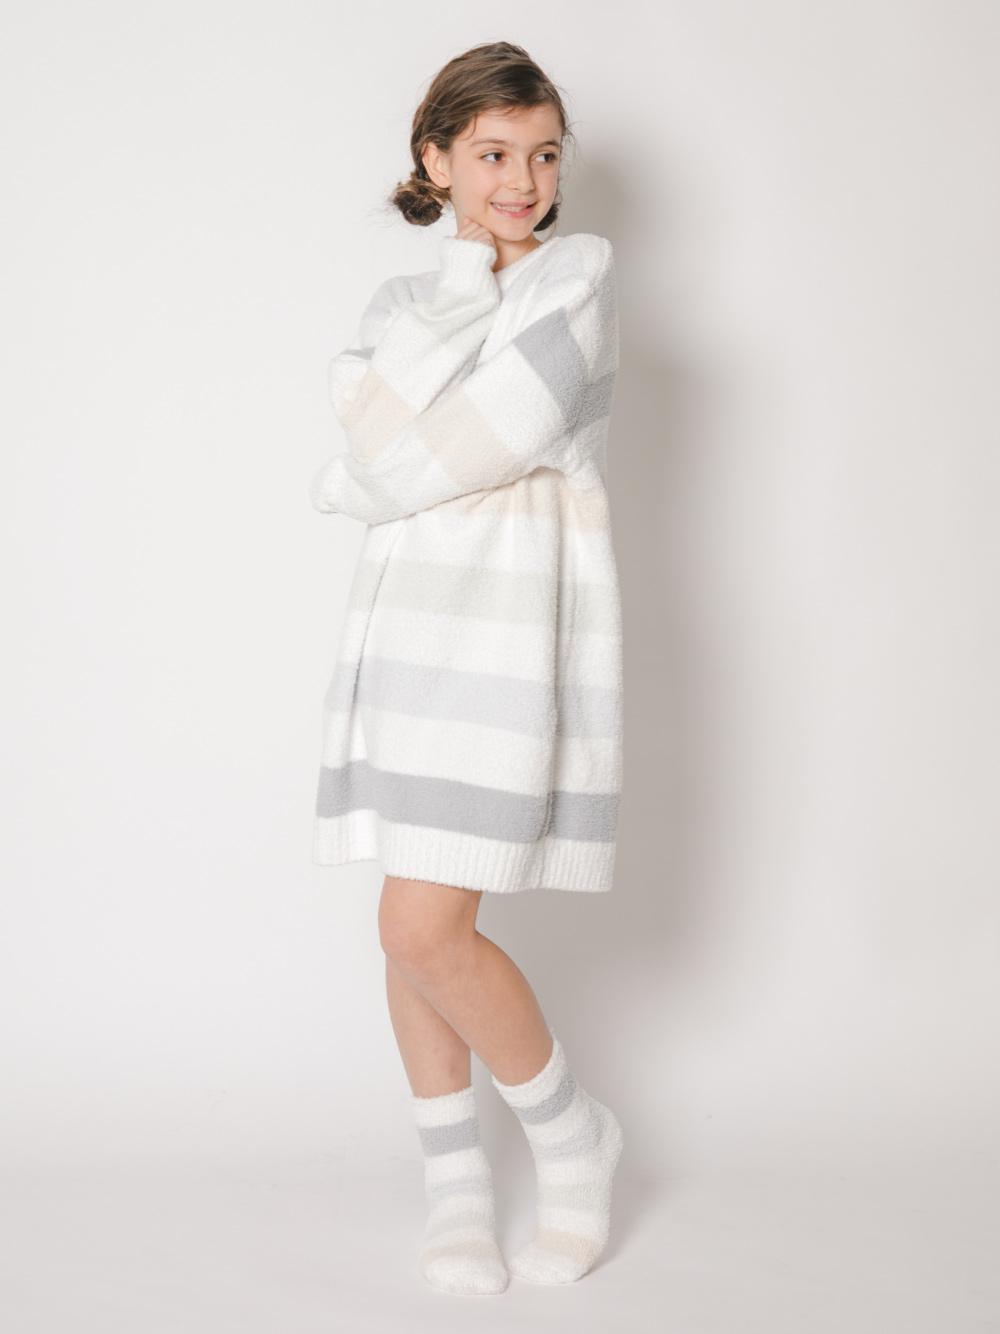 【オフィシャルオンラインストア限定】【junior】ベビモコ5ボーダージュニアドレス   PJNO211479